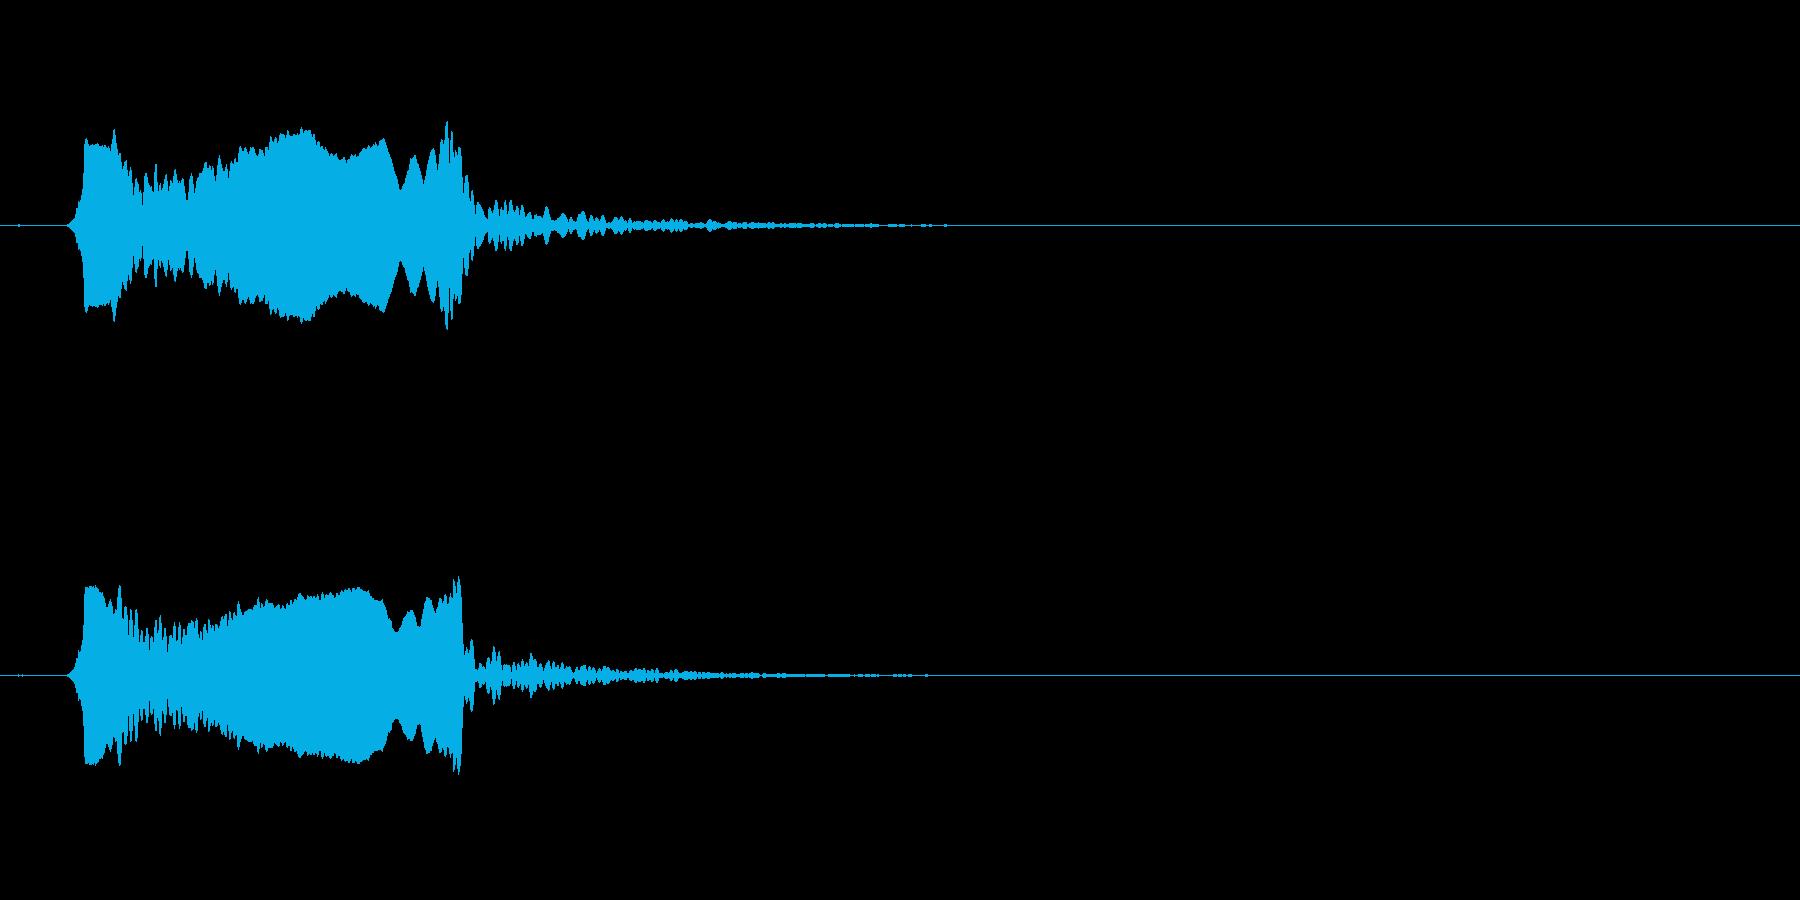 篠笛。和風な音でよくある「ピュイーイッ」の再生済みの波形